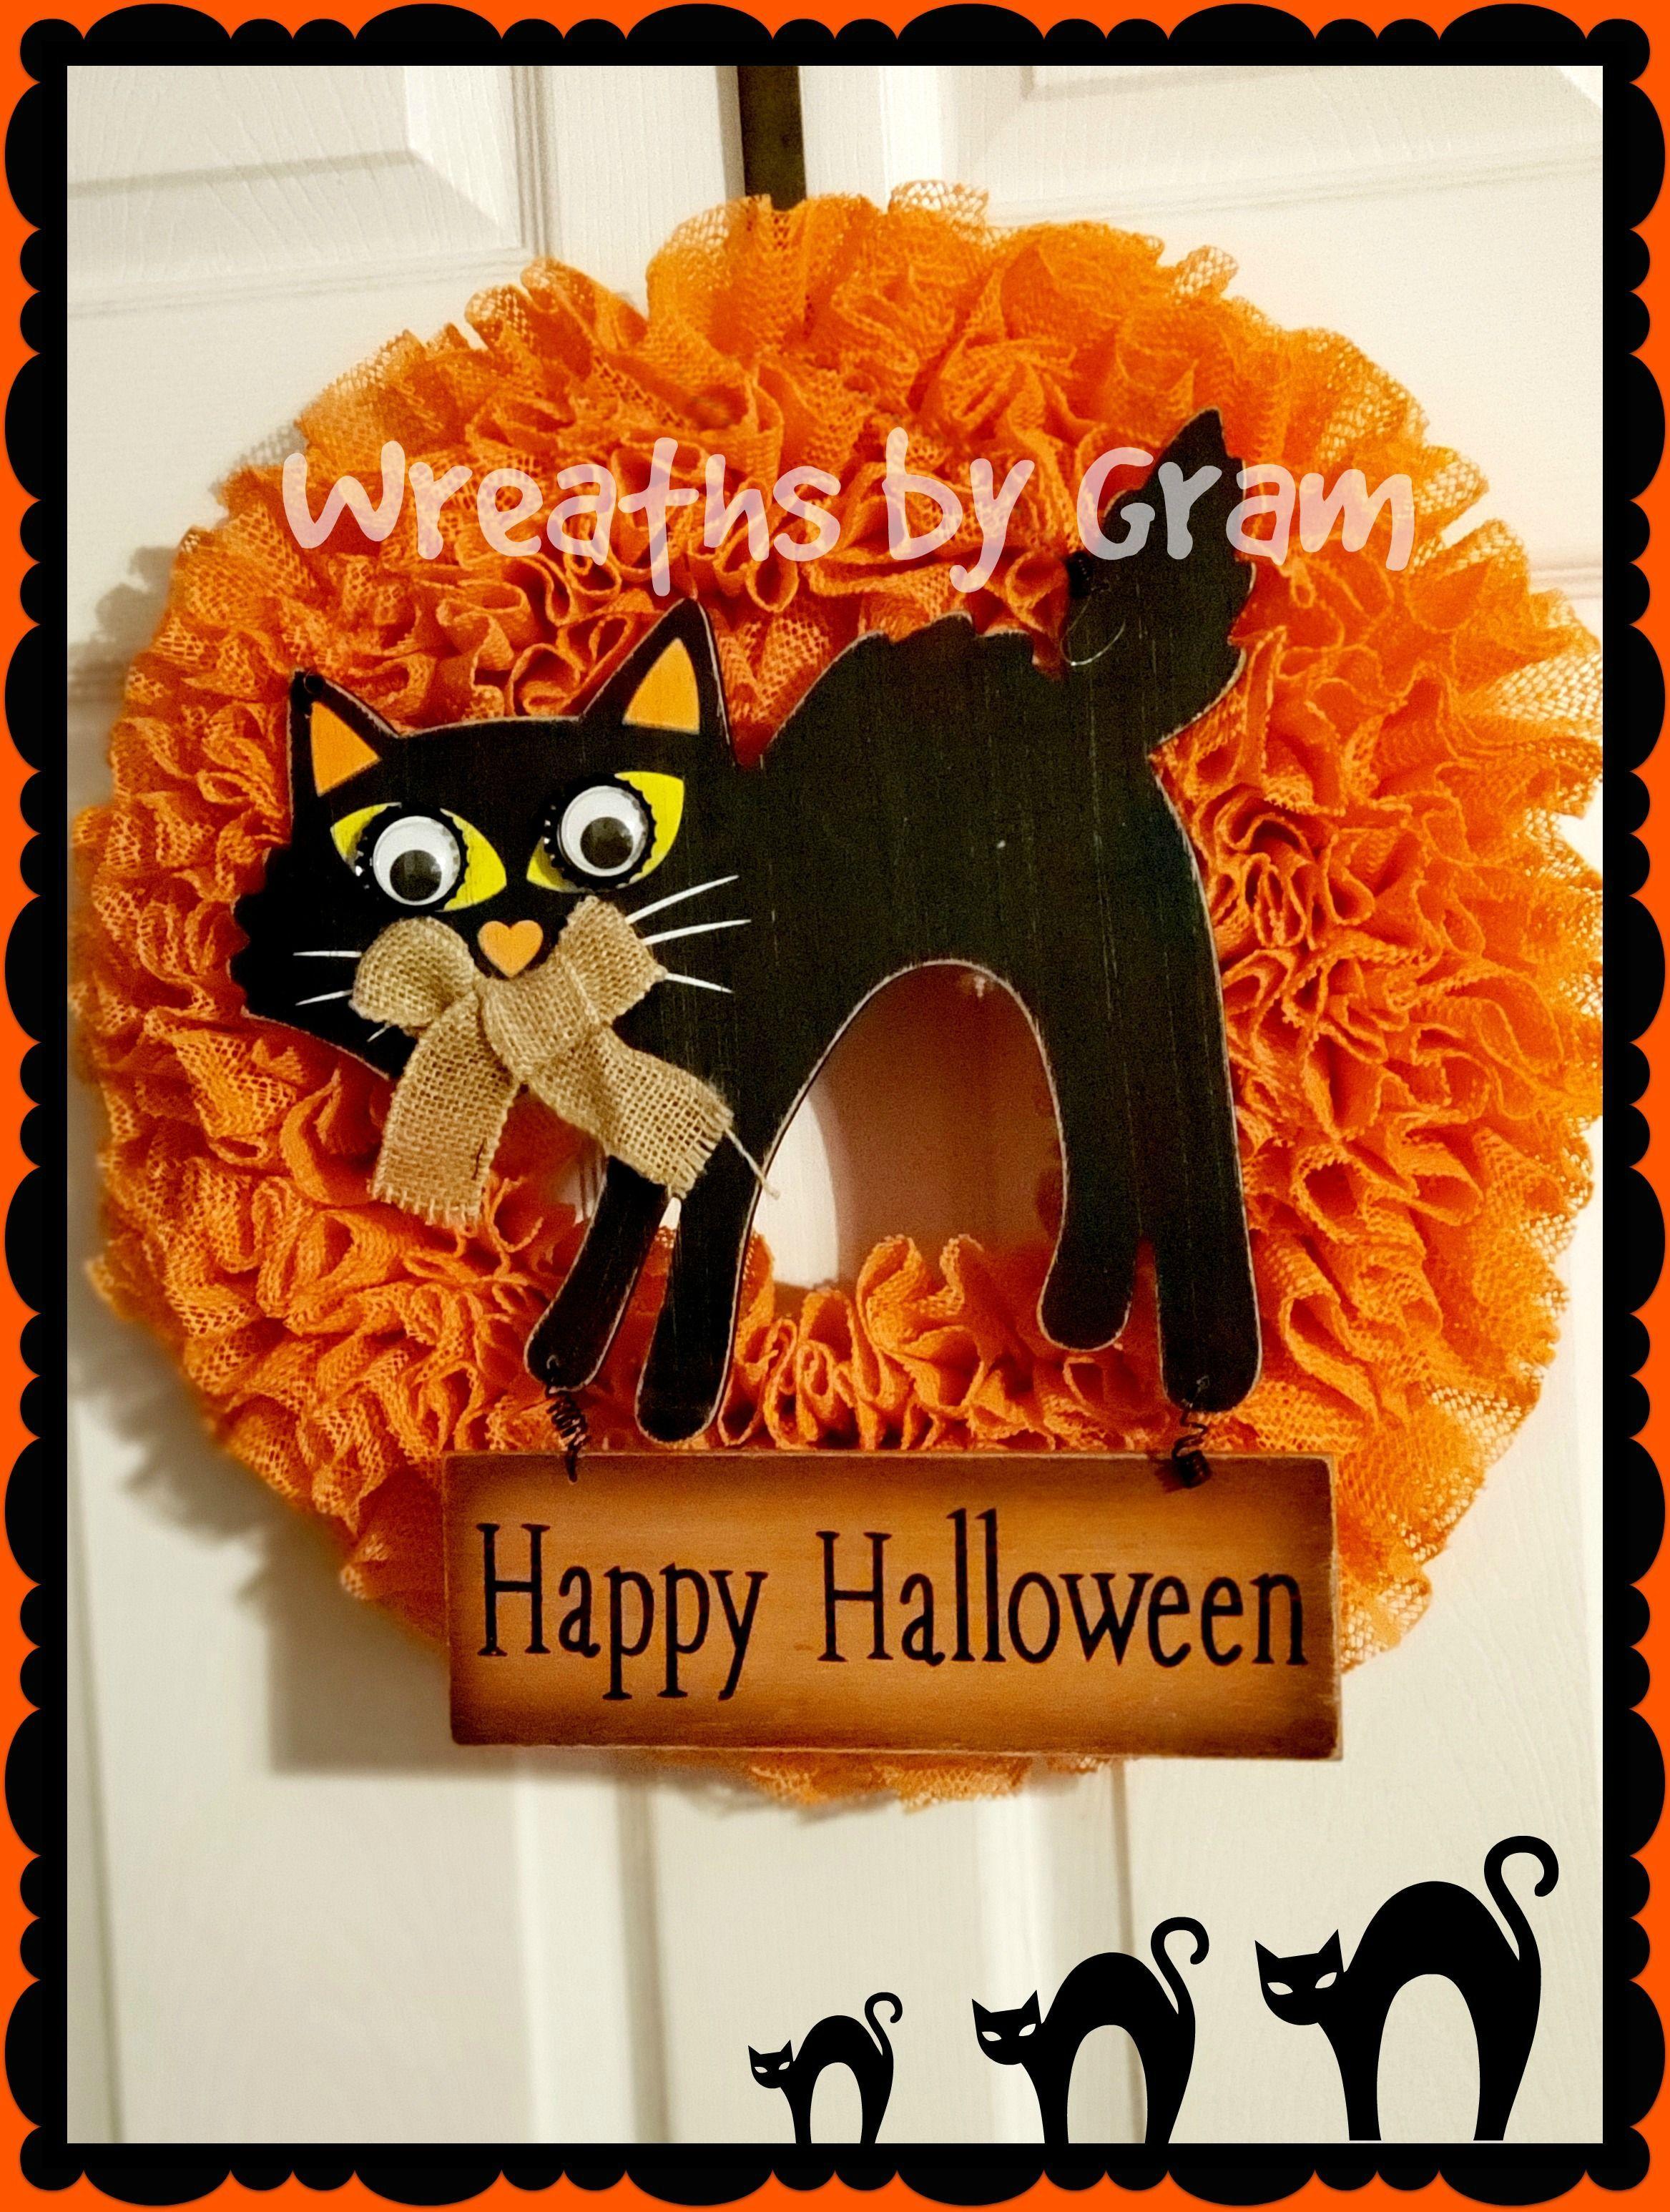 Halloween Wreath For Front Door Orange Happy Halloween Signs Cute Halloween Decorations O Halloween Black Cat Decorations Happy Halloween Signs Black Cat Decor